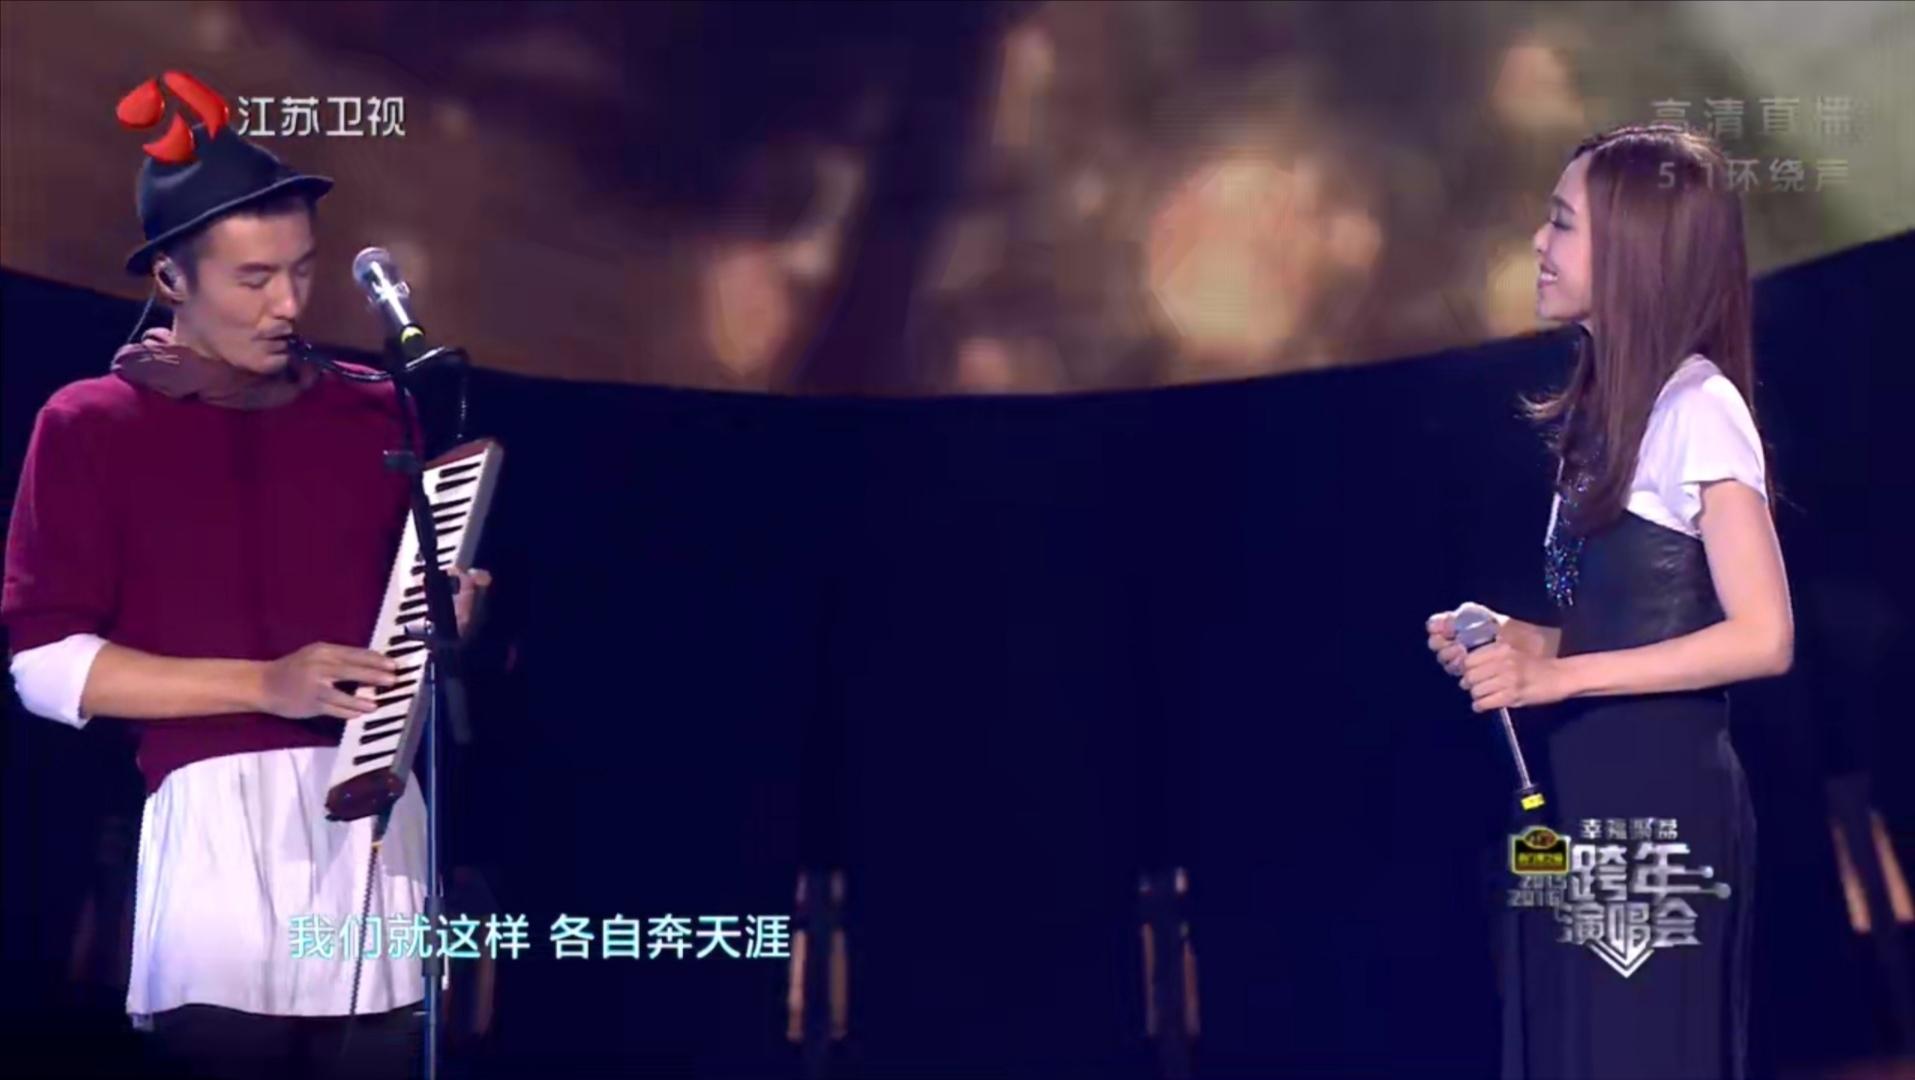 催人泪下!朴树和范玮琪终于同台演唱《那些花儿》引观众大合唱